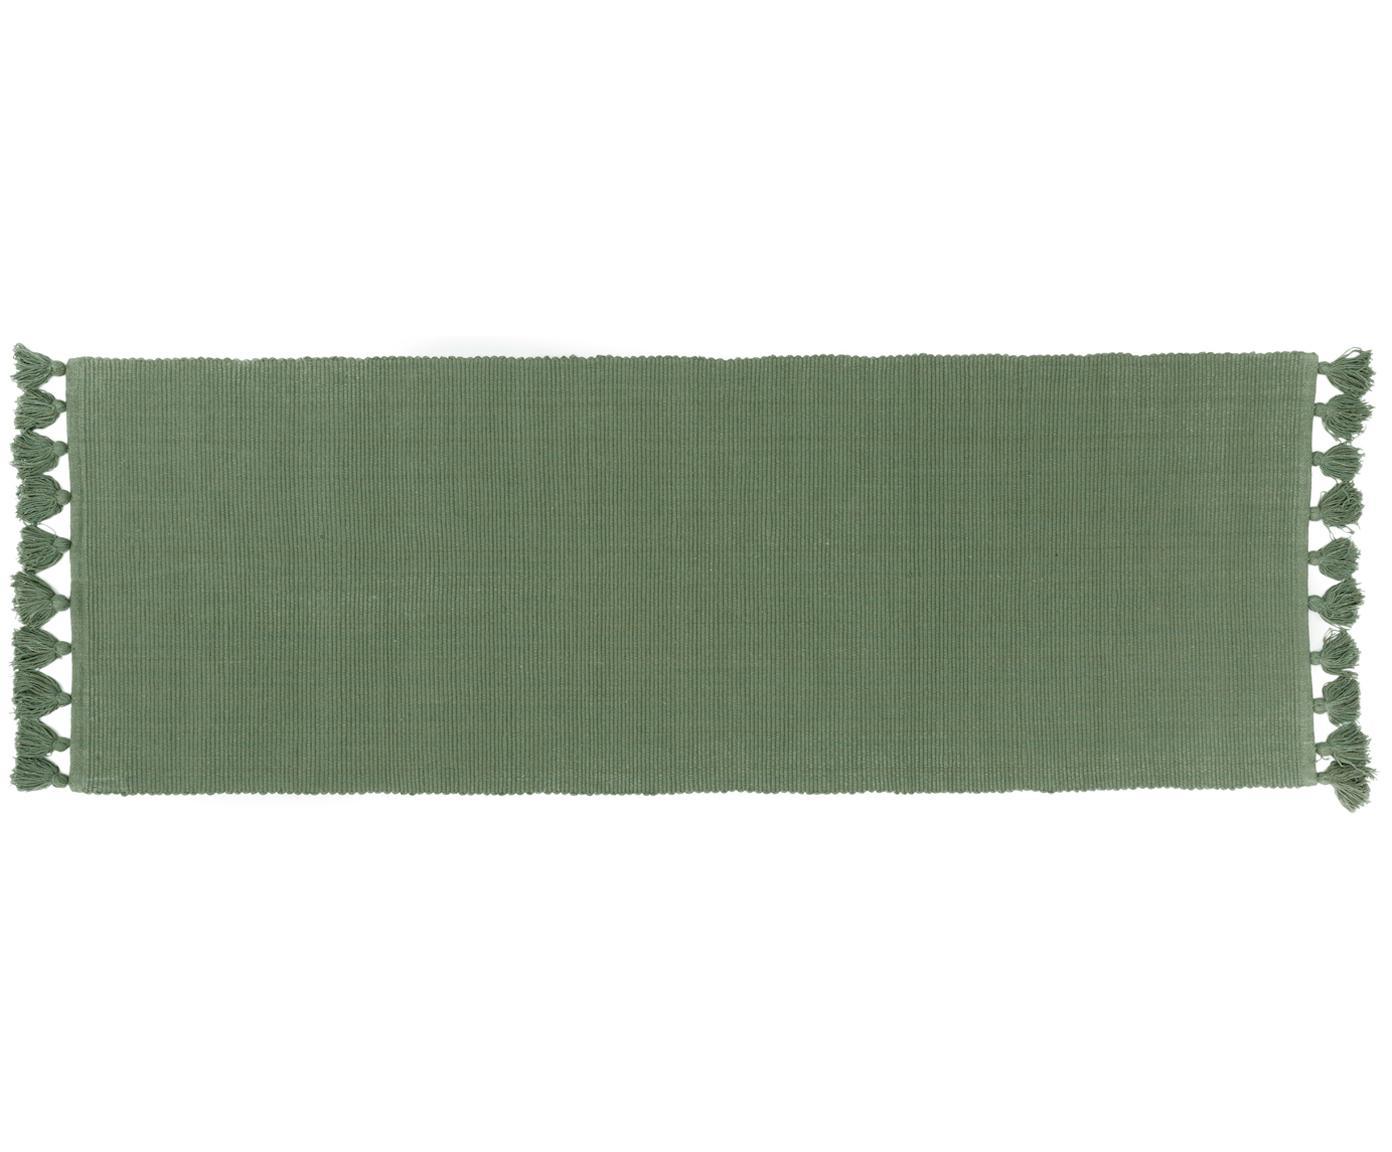 Läufer Homer in Grün mit Quasten, 100% Baumwolle, Waldgrün, 70 x 216 cm